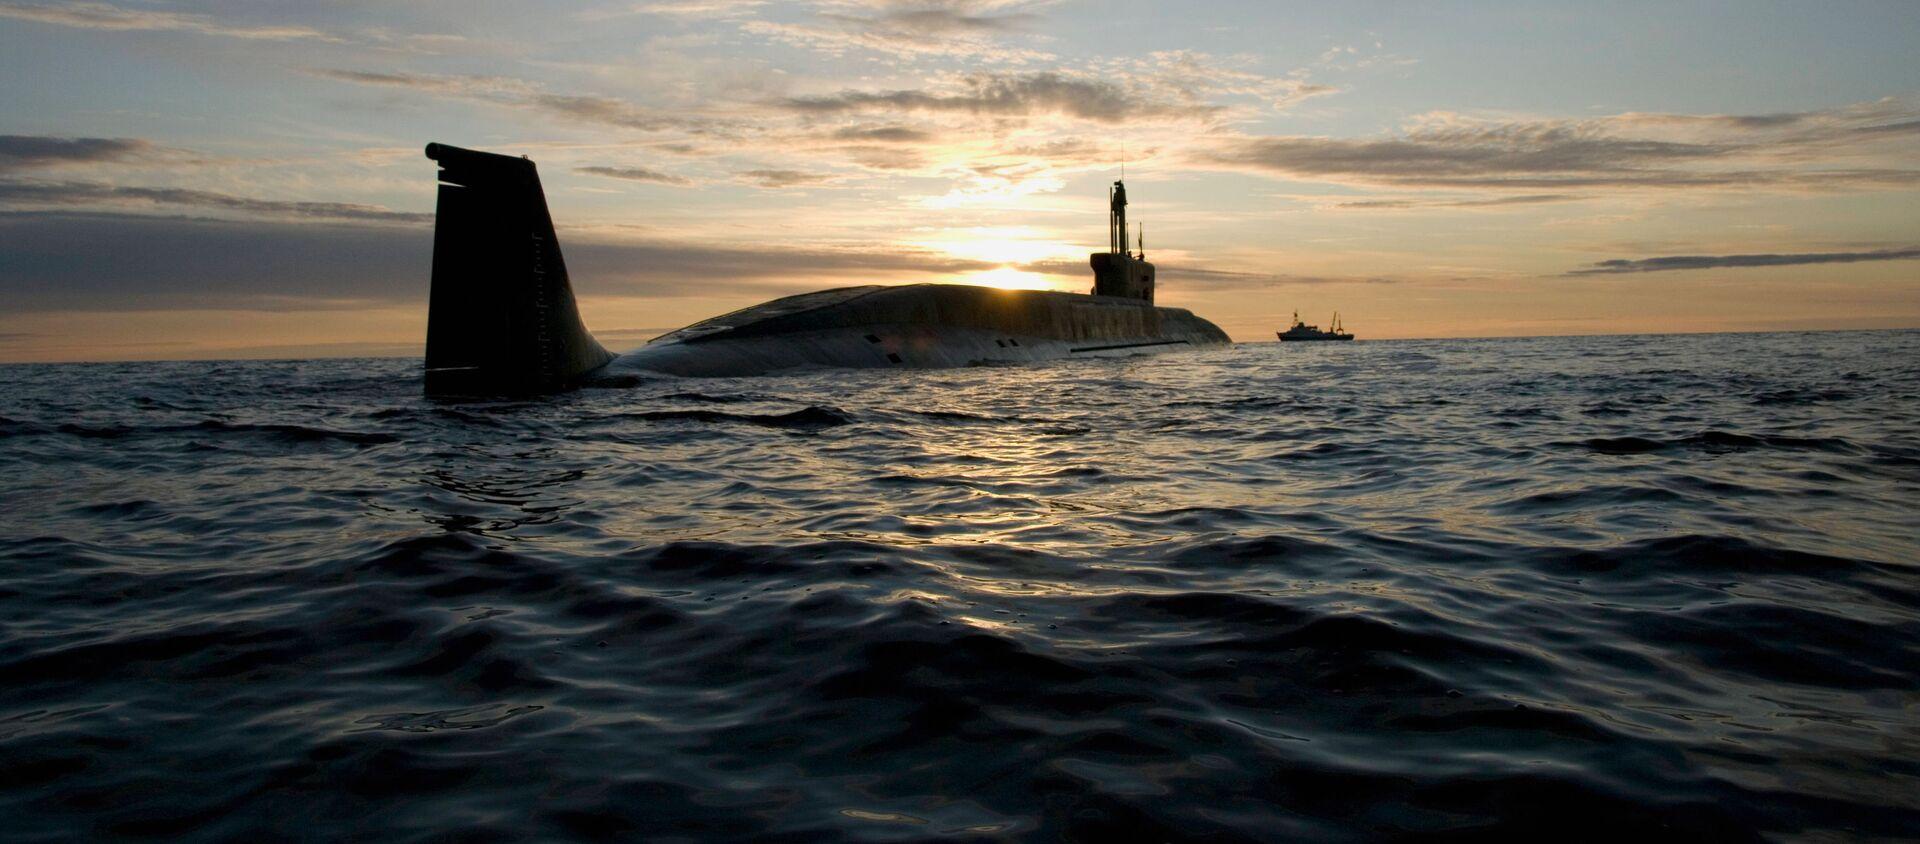 """Tàu ngầm hạt nhân của đề án 955 lớp """"Borey"""" """"Yury Dolgoruky"""" - Sputnik Việt Nam, 1920, 02.08.2021"""